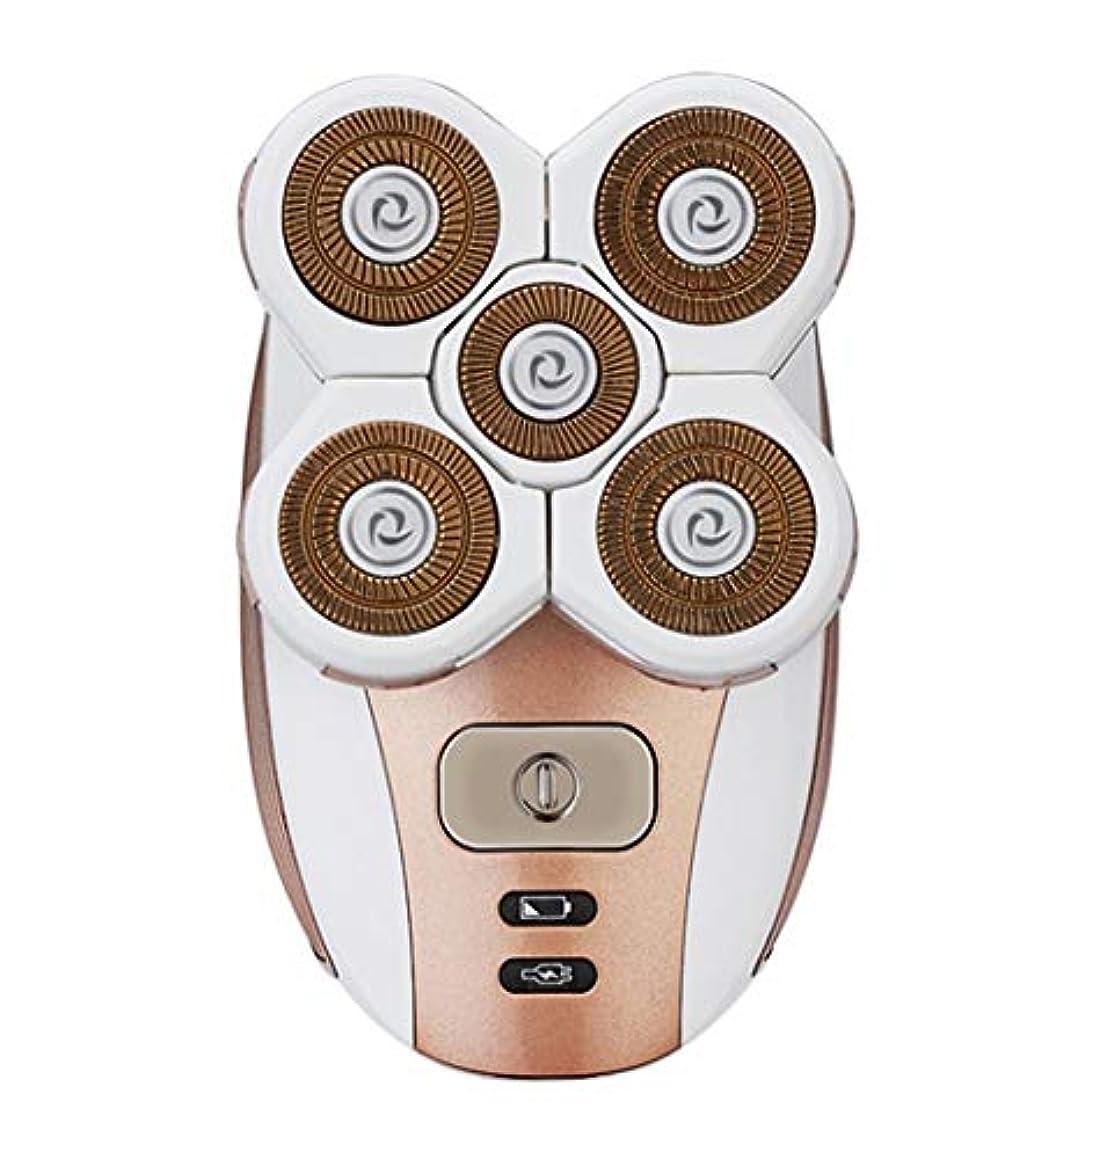 プラス振り返る分離PPWAN - 脱毛器 電気脱毛装置プライベートパーツシェービング器具脇の下陰毛剃毛レディーシェーバー - 8806